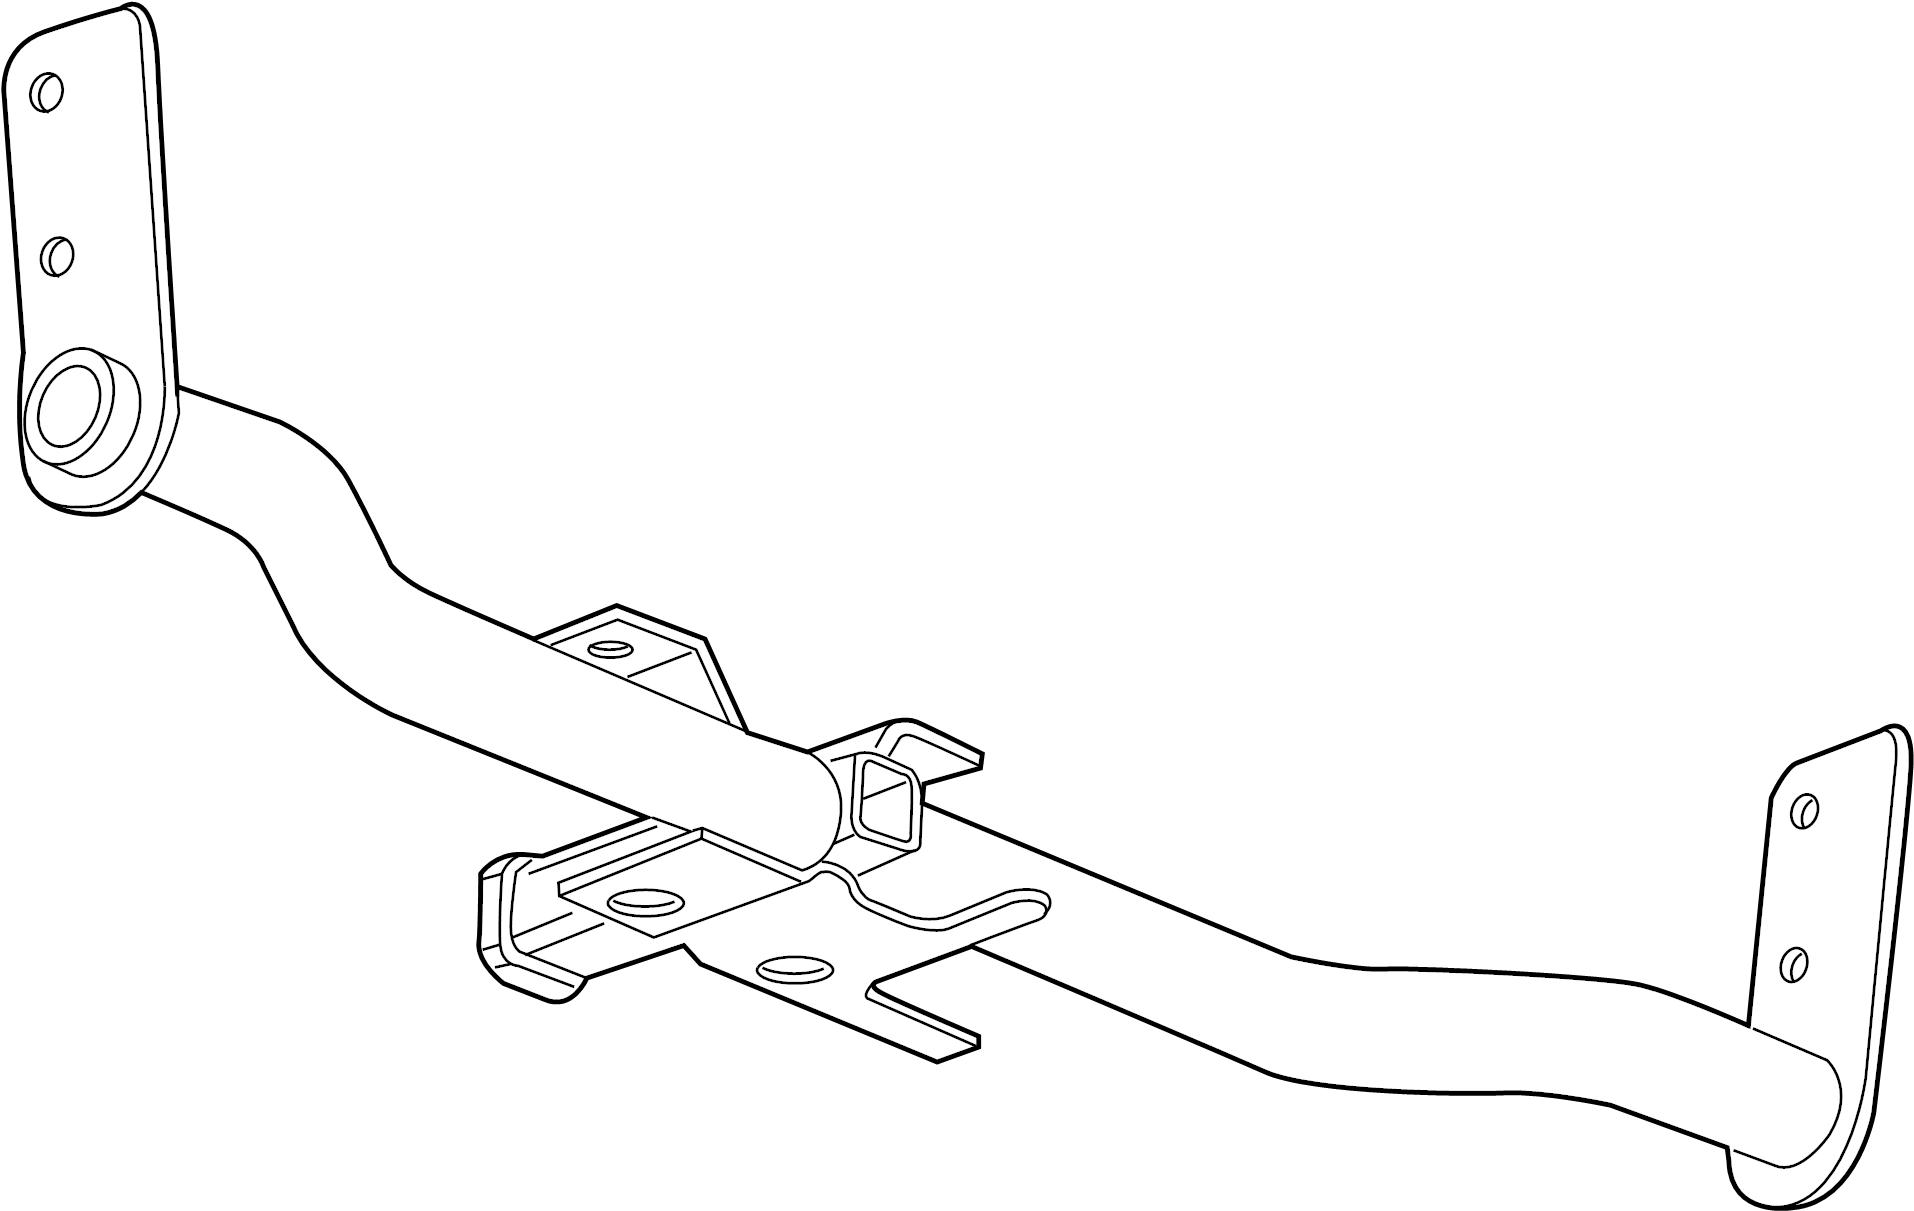 Gmc Terrain Trailer Hitch 15 17 W Gxp Model